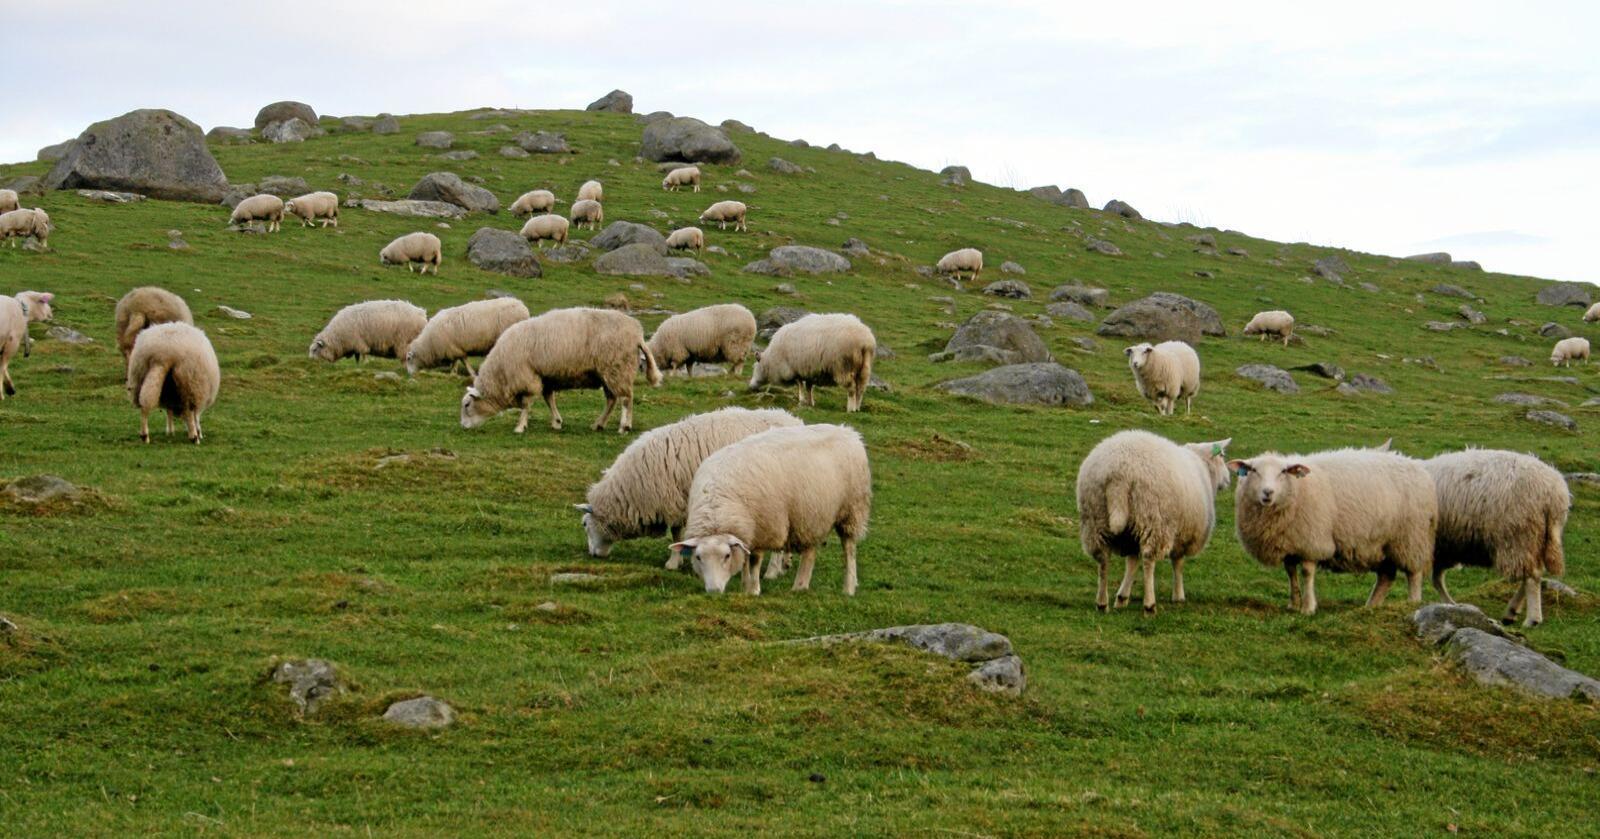 Naturressursar: Sauer og andre beitedyr har mest norske råvarer i fôret, viser rapport. Samtidig er det desse dyreslaga som tapar terreng i marknaden. Det kan få store konsekvensar for både bruk av naturressursane, sjølvforsyninga og distrikta, ifølgje forskarar. Foto: Bjarne Bekkeheien Aase